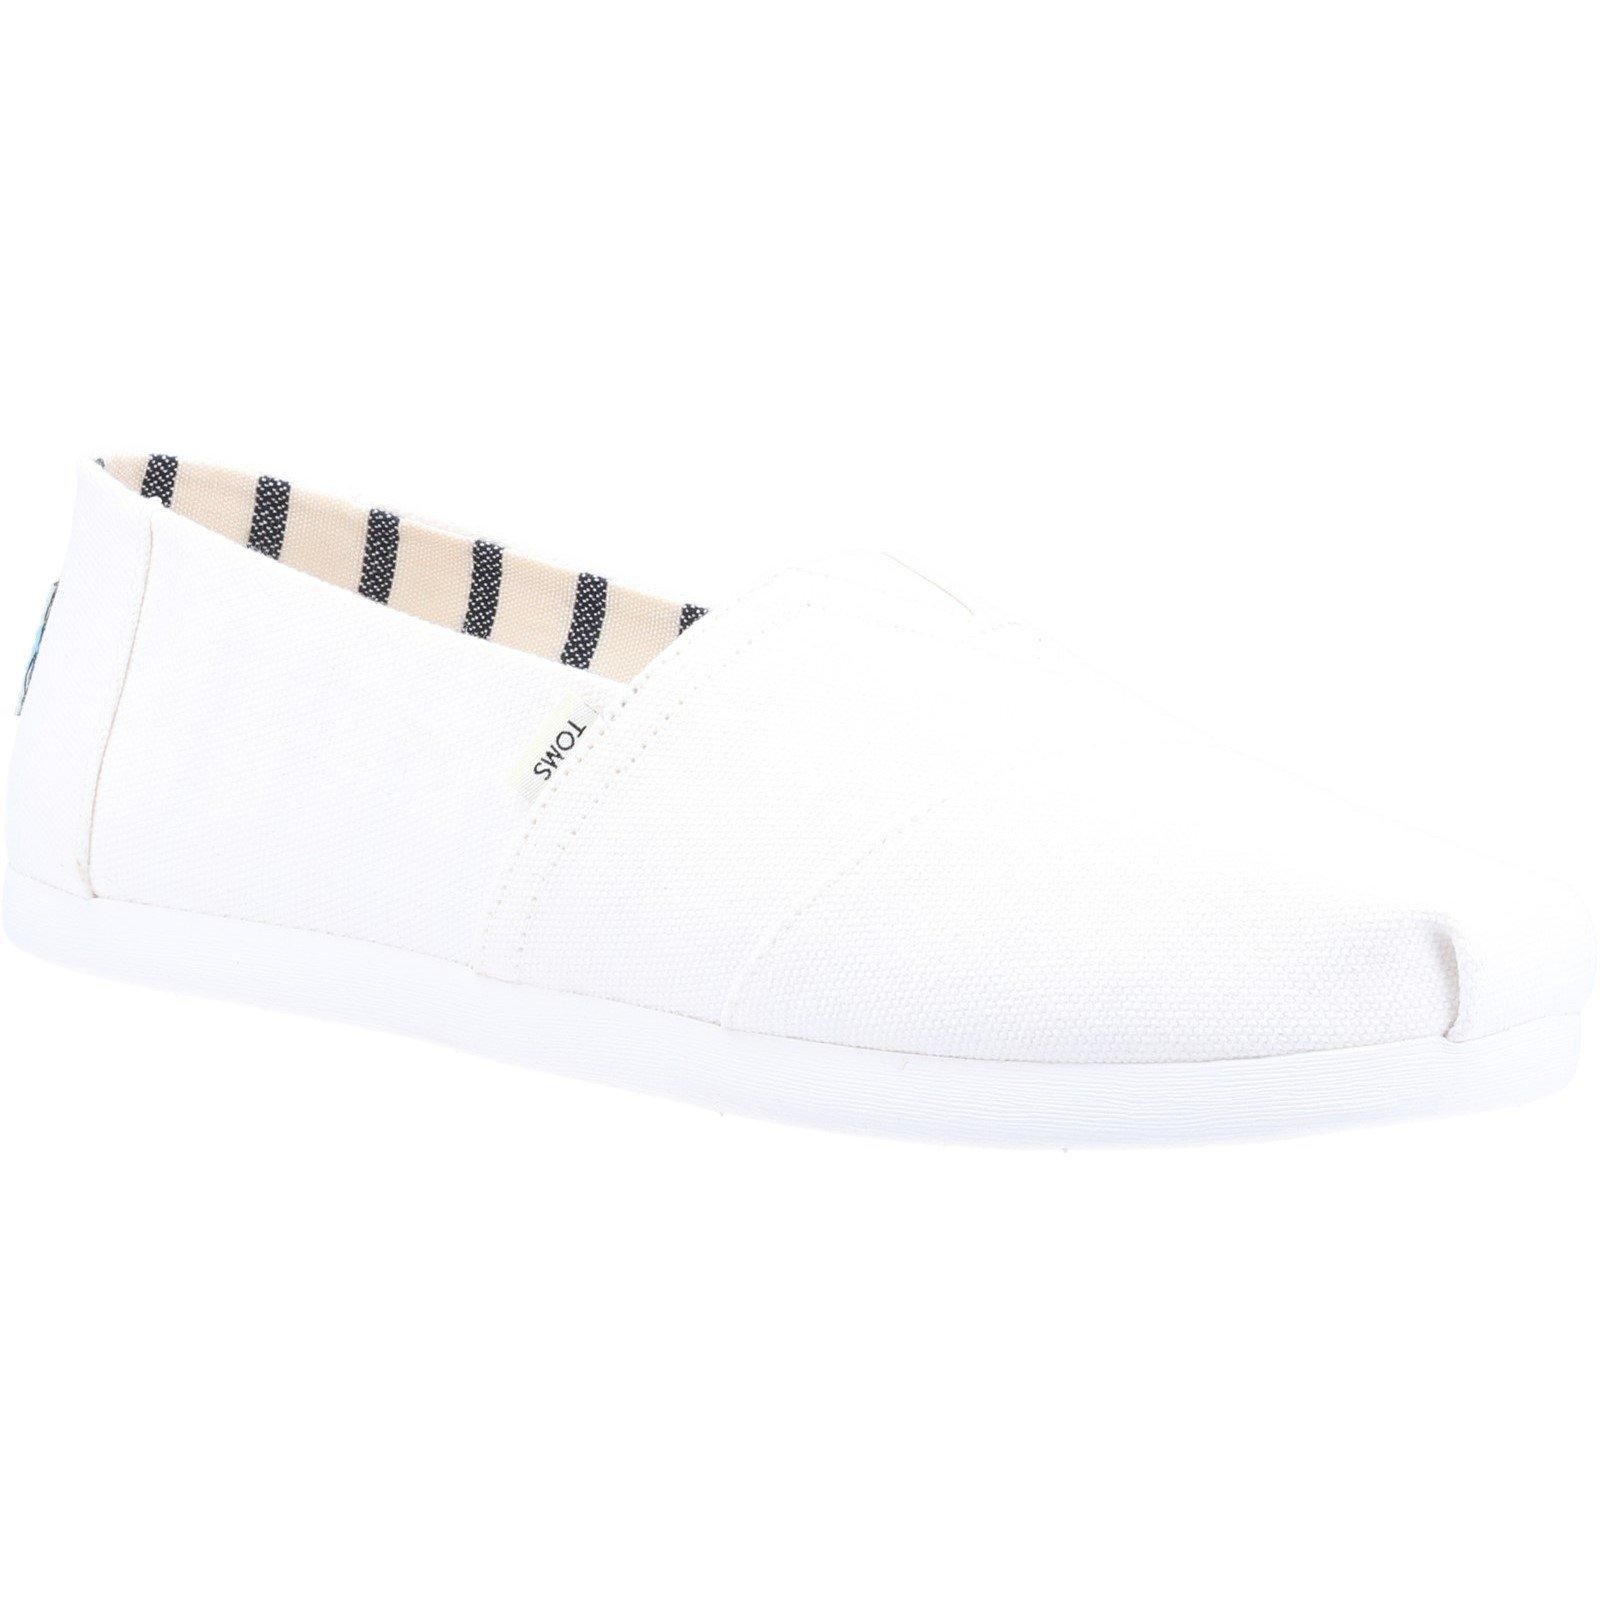 TOMS Men's Alpargata Canvas Loafer White 32554 - White 9